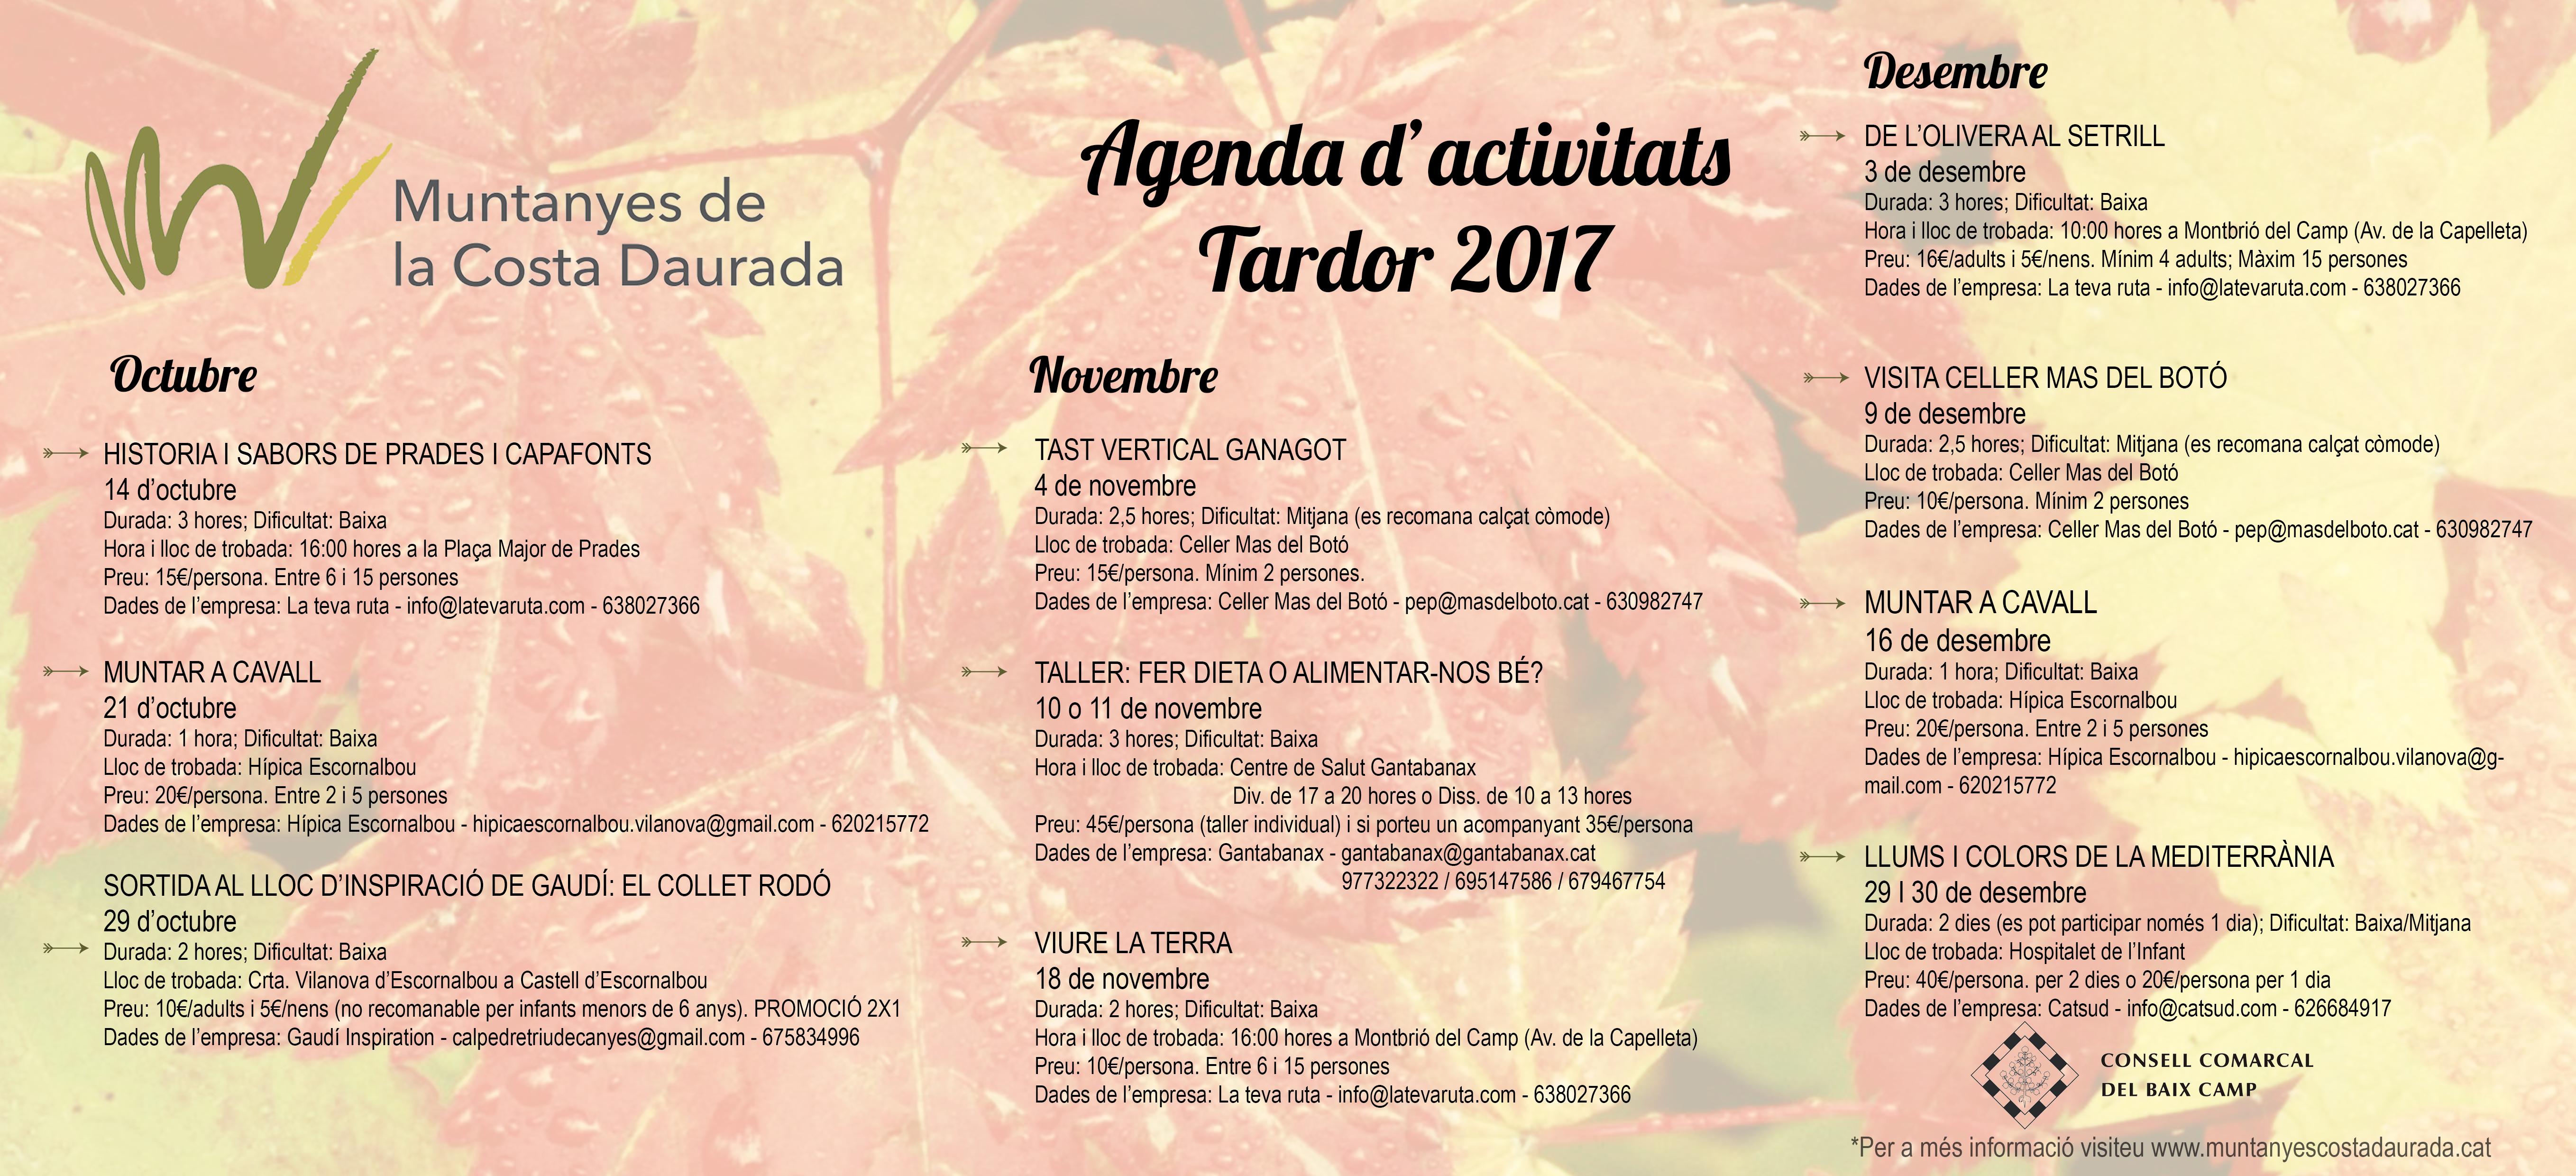 Nuevo catálogo de actividades de otoño del Baix Camp